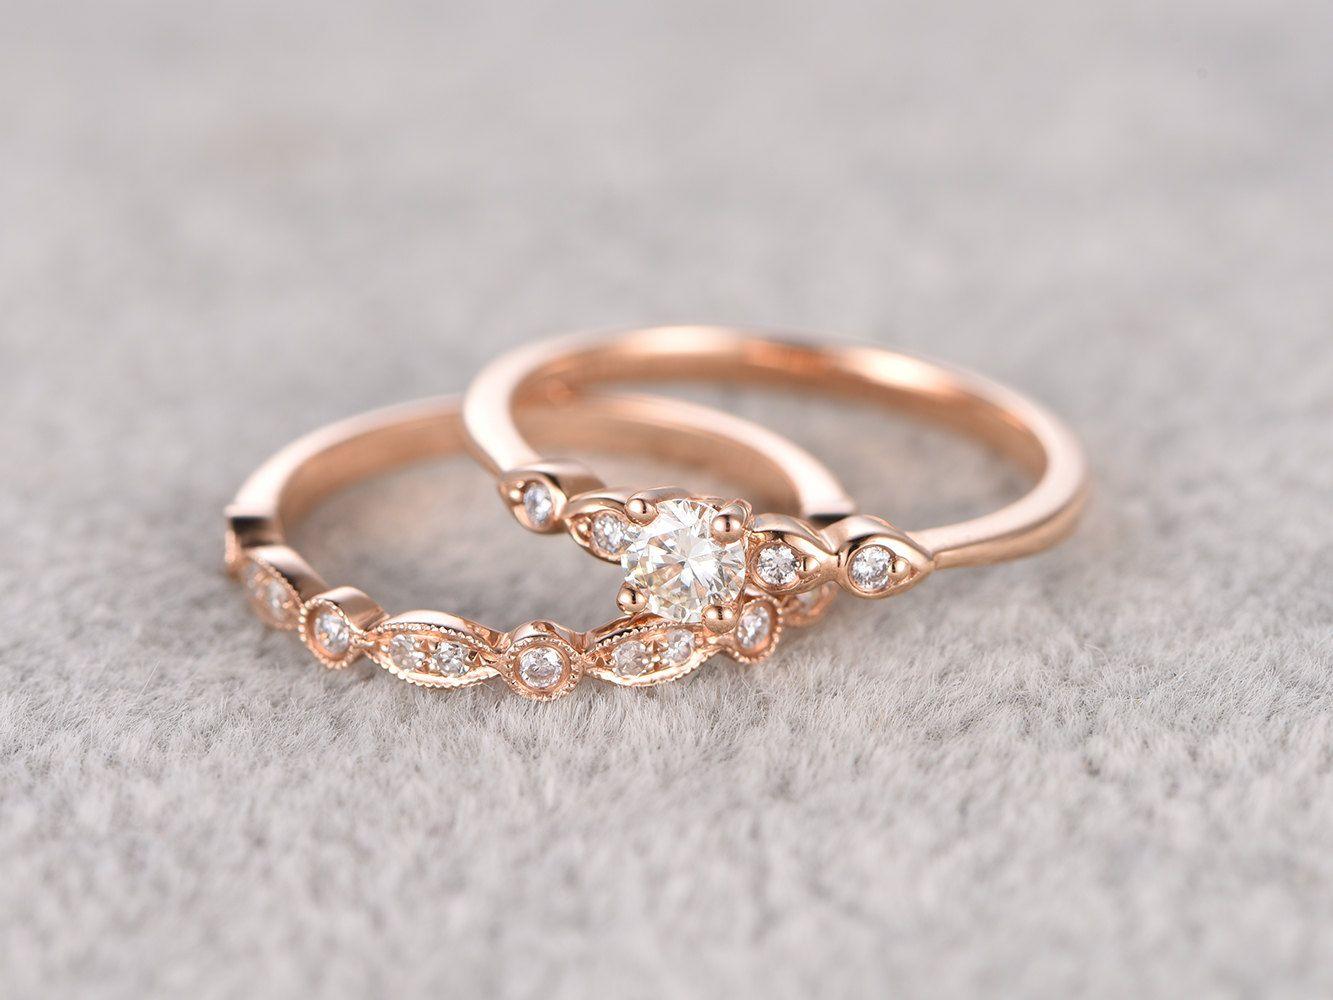 2pcs moissanite bridal setengagement ring rose goldhalf